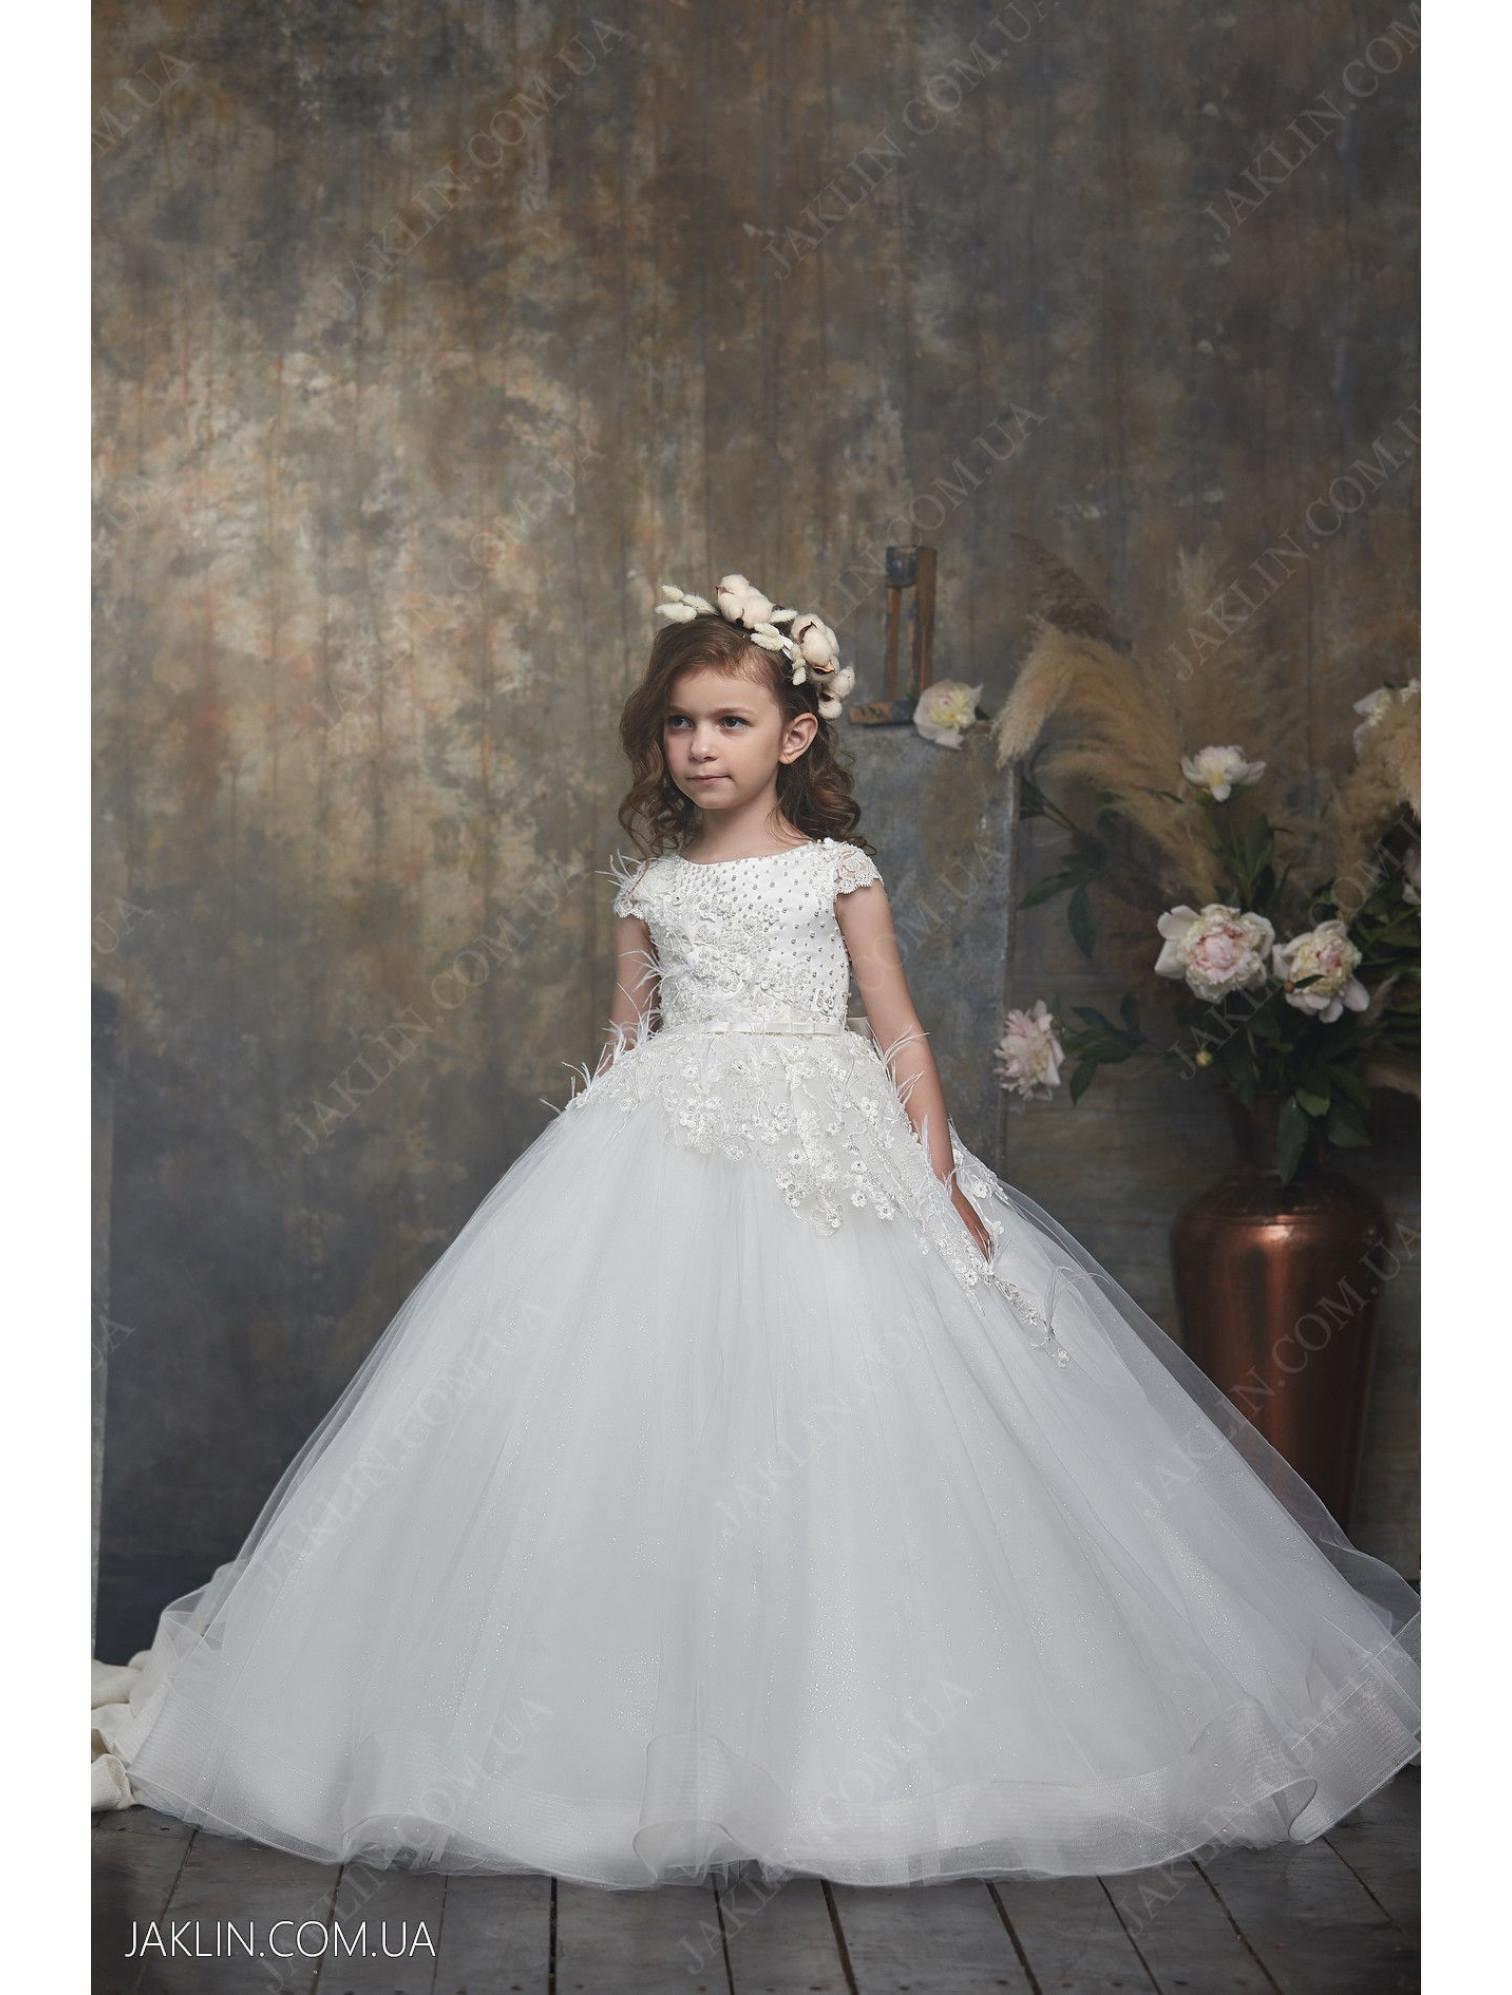 Дитяча сукня 3044